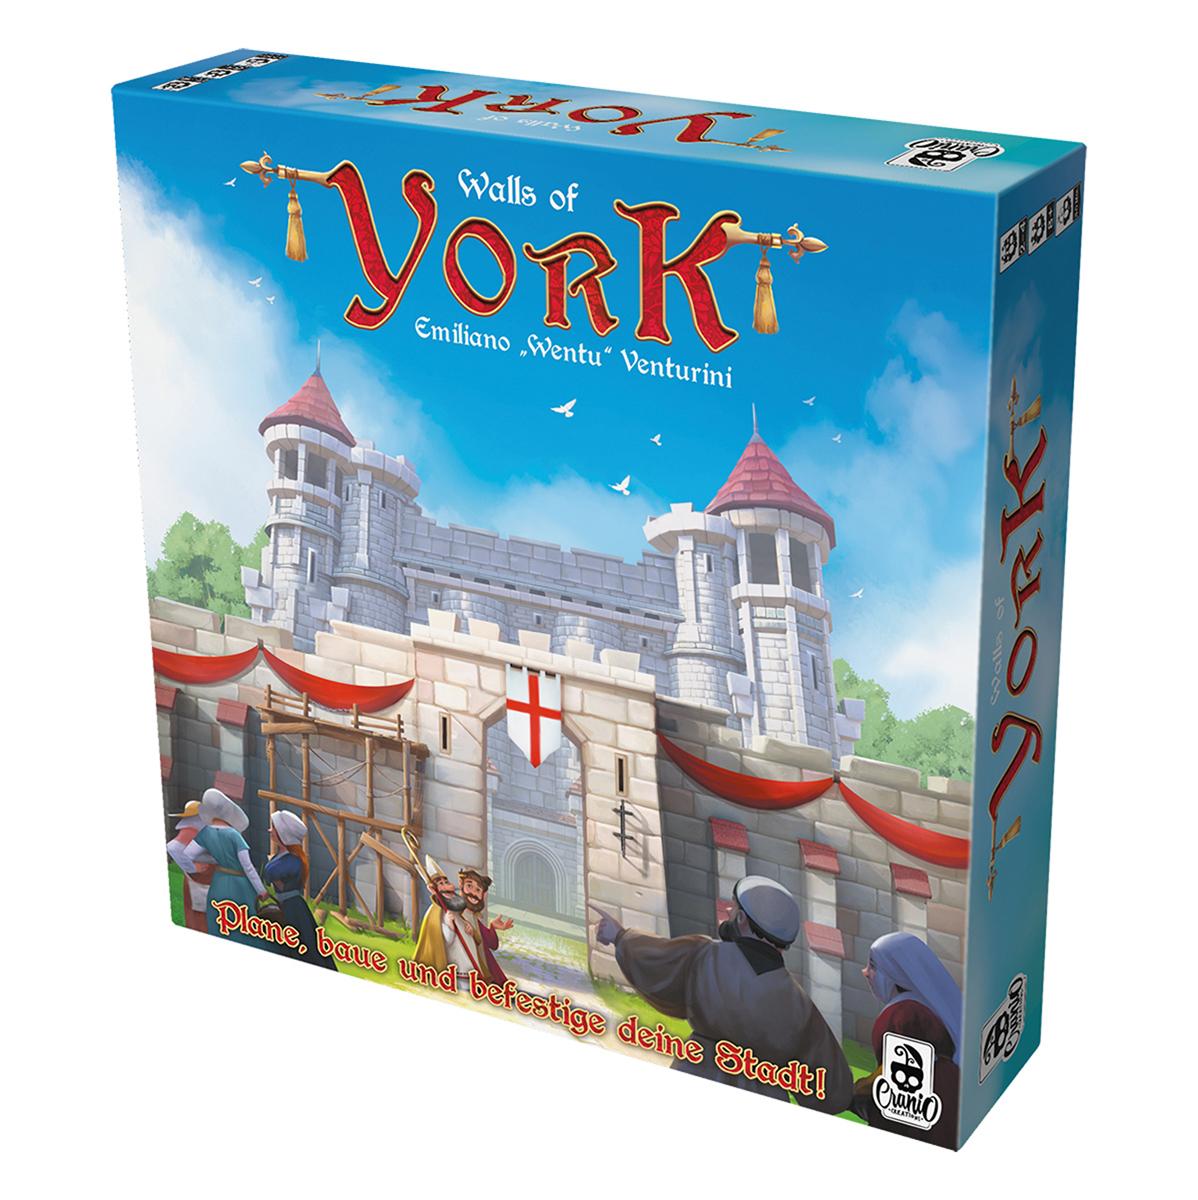 Walls of York (Brettspiel) für 19,90€ @ bigpandav